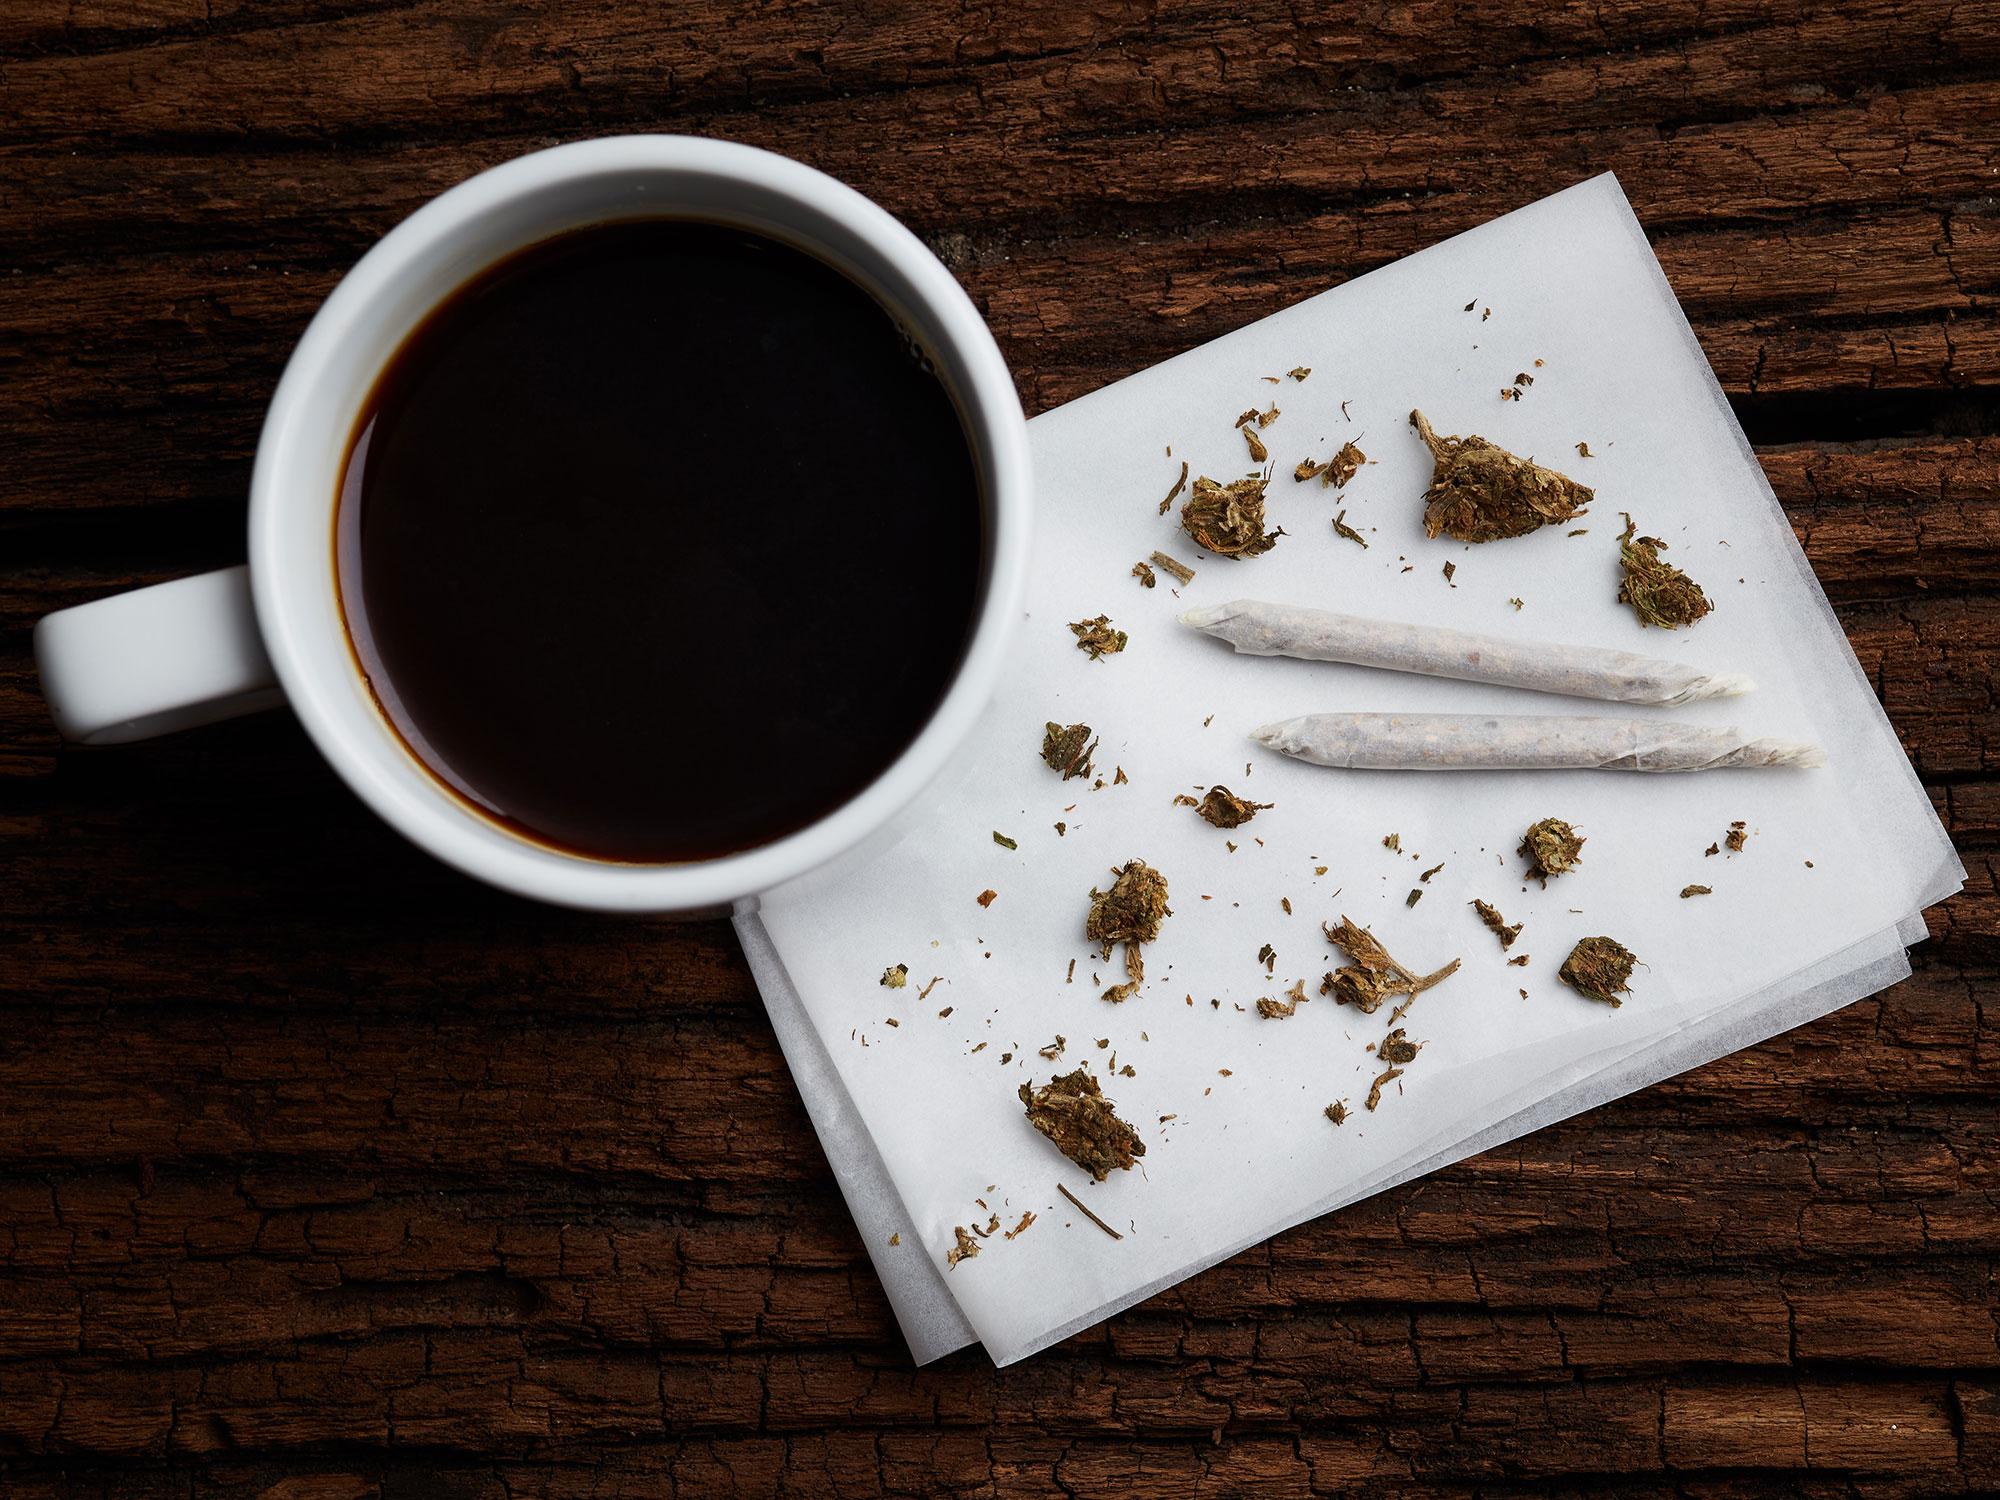 weed-coffee-hero1.jpg